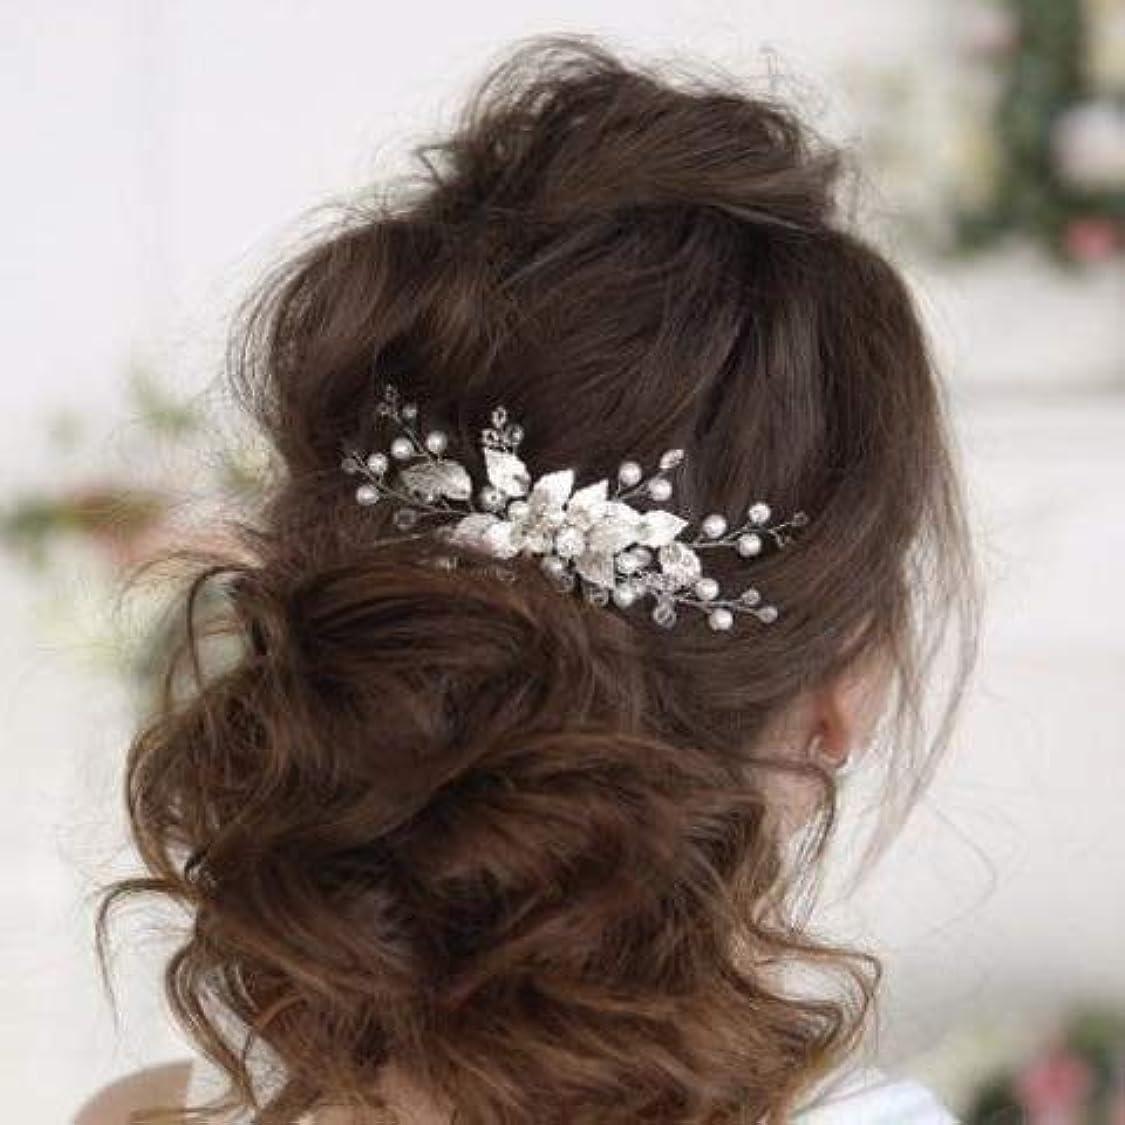 ピュー凍った悔い改めるKercisbeauty Boho Wedding Bridal Hair Comb Clips Decorative Headband with Crystal Leaf Rhinestones for Brides...